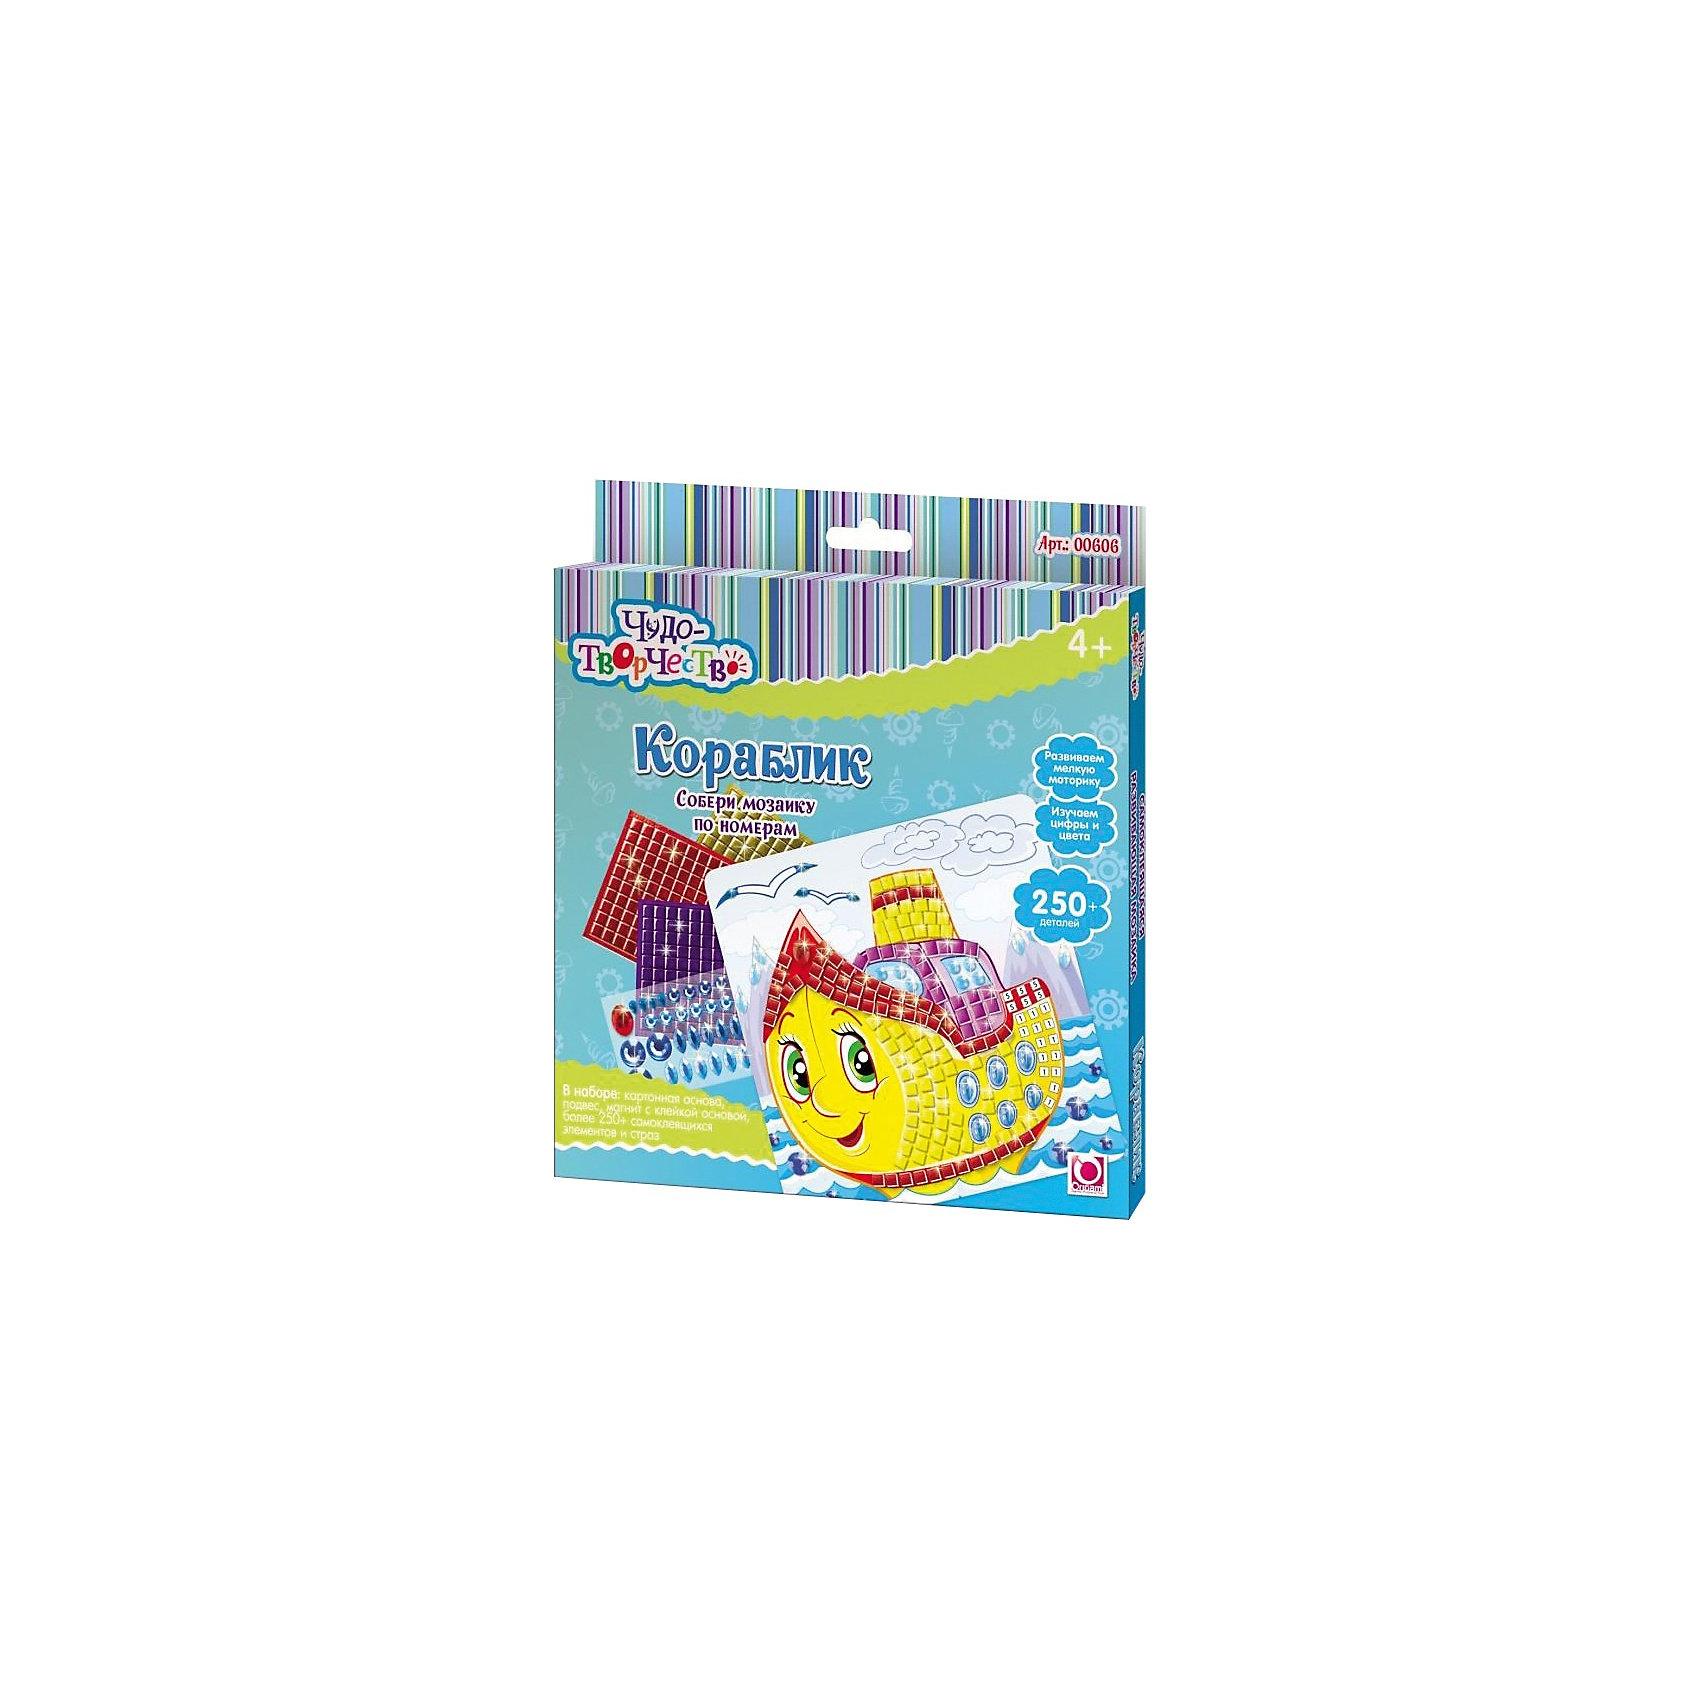 Самоклеющаяся мозаика Пароходик, ОригамиСамоклеющаяся мозаика Пароходик, Оригами – это творческая игра, в результате которой у детей получается замечательный «шедевр».<br>Самоклеющаяся мозаика Пароходик, Оригами - увлекательная игрушка для детей, которая поможет изучить цвета и цифры. Отличие этой мозаики от обычной в том, что все ее детали имеют клейкую основу, их только нужно правильно разместить. Отклеивая и приклеивая элементы самоклеющейся мозаики, дети совершают тонкие манипуляции, тренируя тем самым мелкую моторику и усидчивость. Проявив внимательность и аккуратность, получится яркая и веселая картинка, которую можно повесить на стену или прикрепить с помощью магнита на холодильник.<br><br>Дополнительная информация:<br><br>- В наборе: картонная основа с картинкой (20x20см), более 250 самоклеющихся элементов и страз, подвес, магнит с клейкой основой<br>- Размер упаковки: 20,5 х 1,5 х 23 см.<br><br>Самоклеющуюся мозаику Пароходик, Оригами можно купить в нашем интернет-магазине.<br><br>Ширина мм: 205<br>Глубина мм: 230<br>Высота мм: 15<br>Вес г: 108<br>Возраст от месяцев: 48<br>Возраст до месяцев: 108<br>Пол: Мужской<br>Возраст: Детский<br>SKU: 3911429